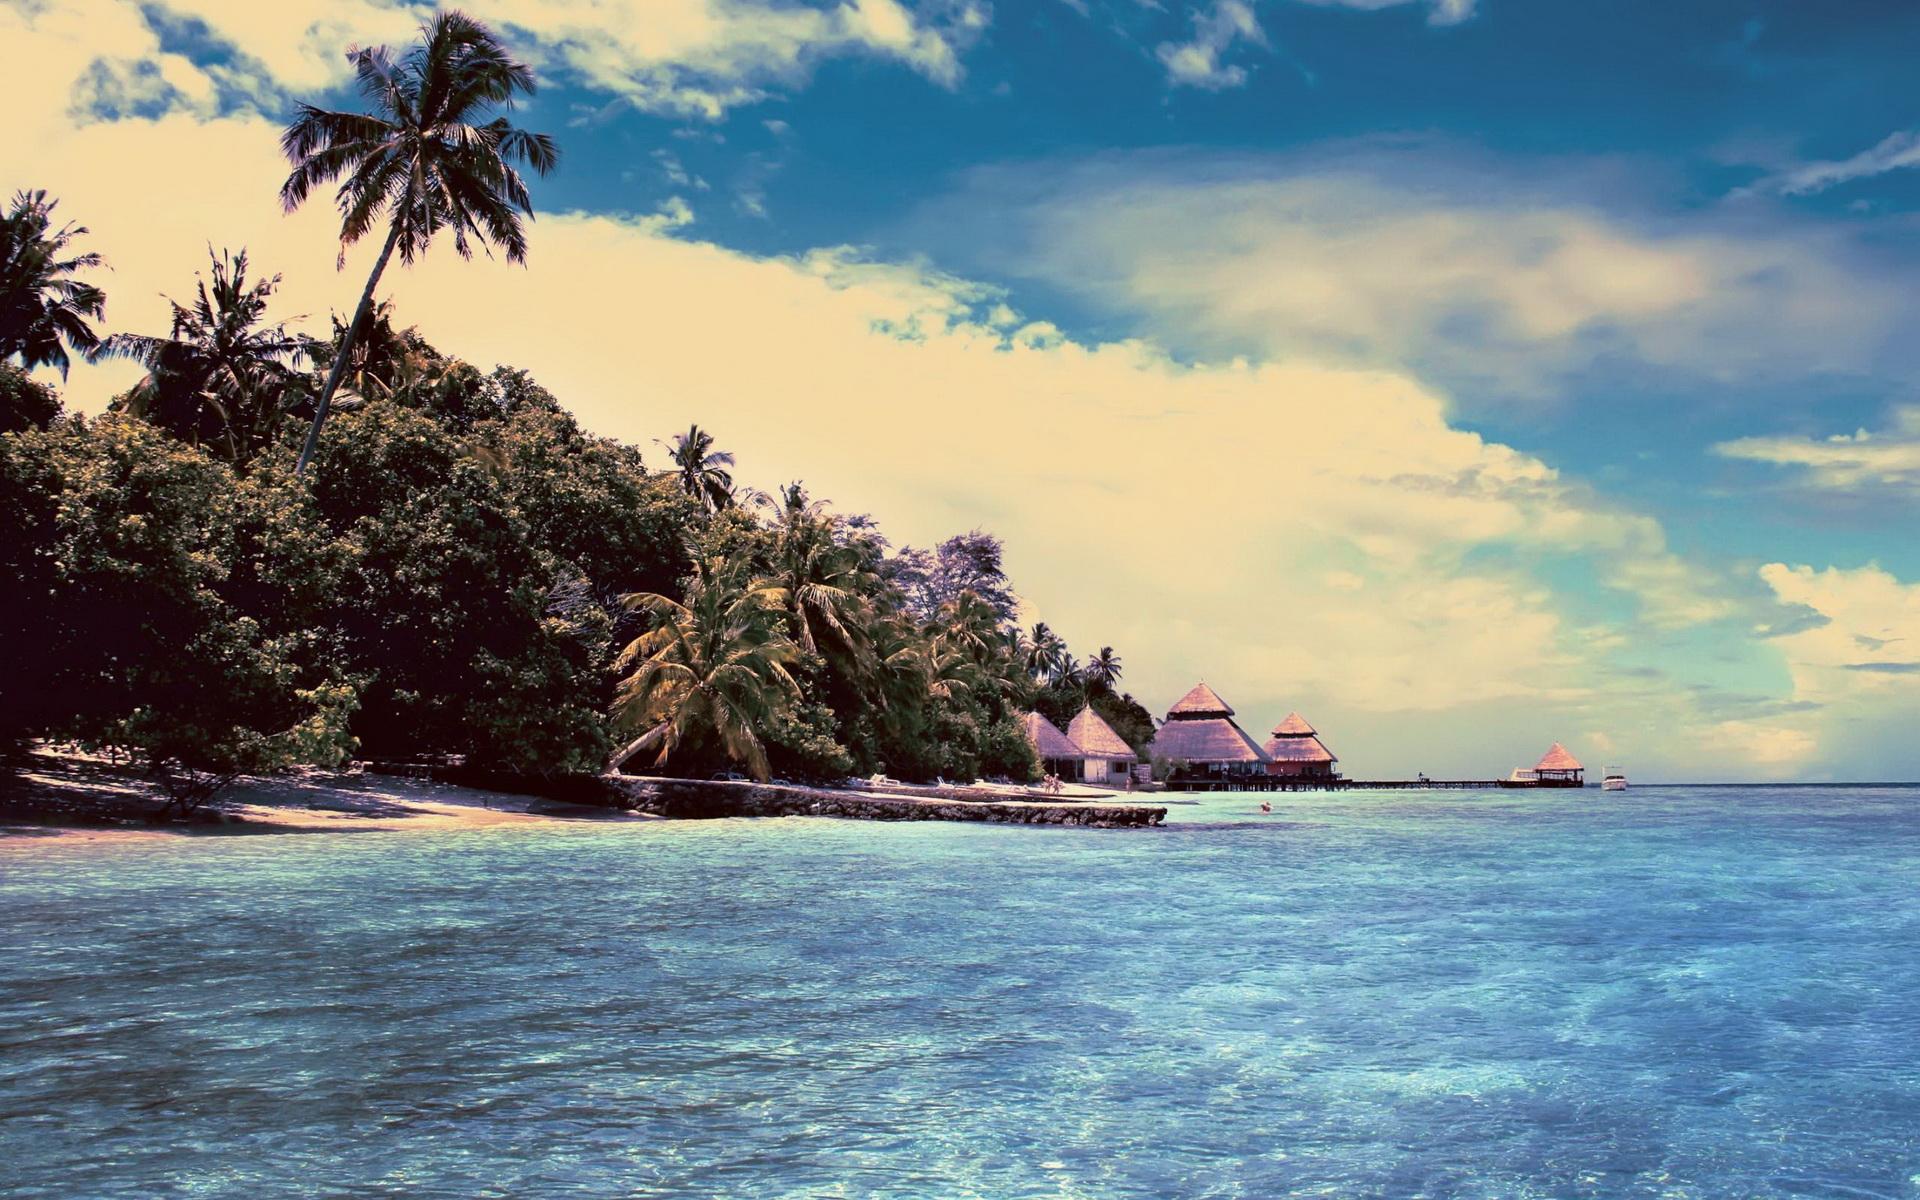 Spiagge full hd sfondo and sfondi 1920x1200 id 421271 for Sfondi spiagge hd